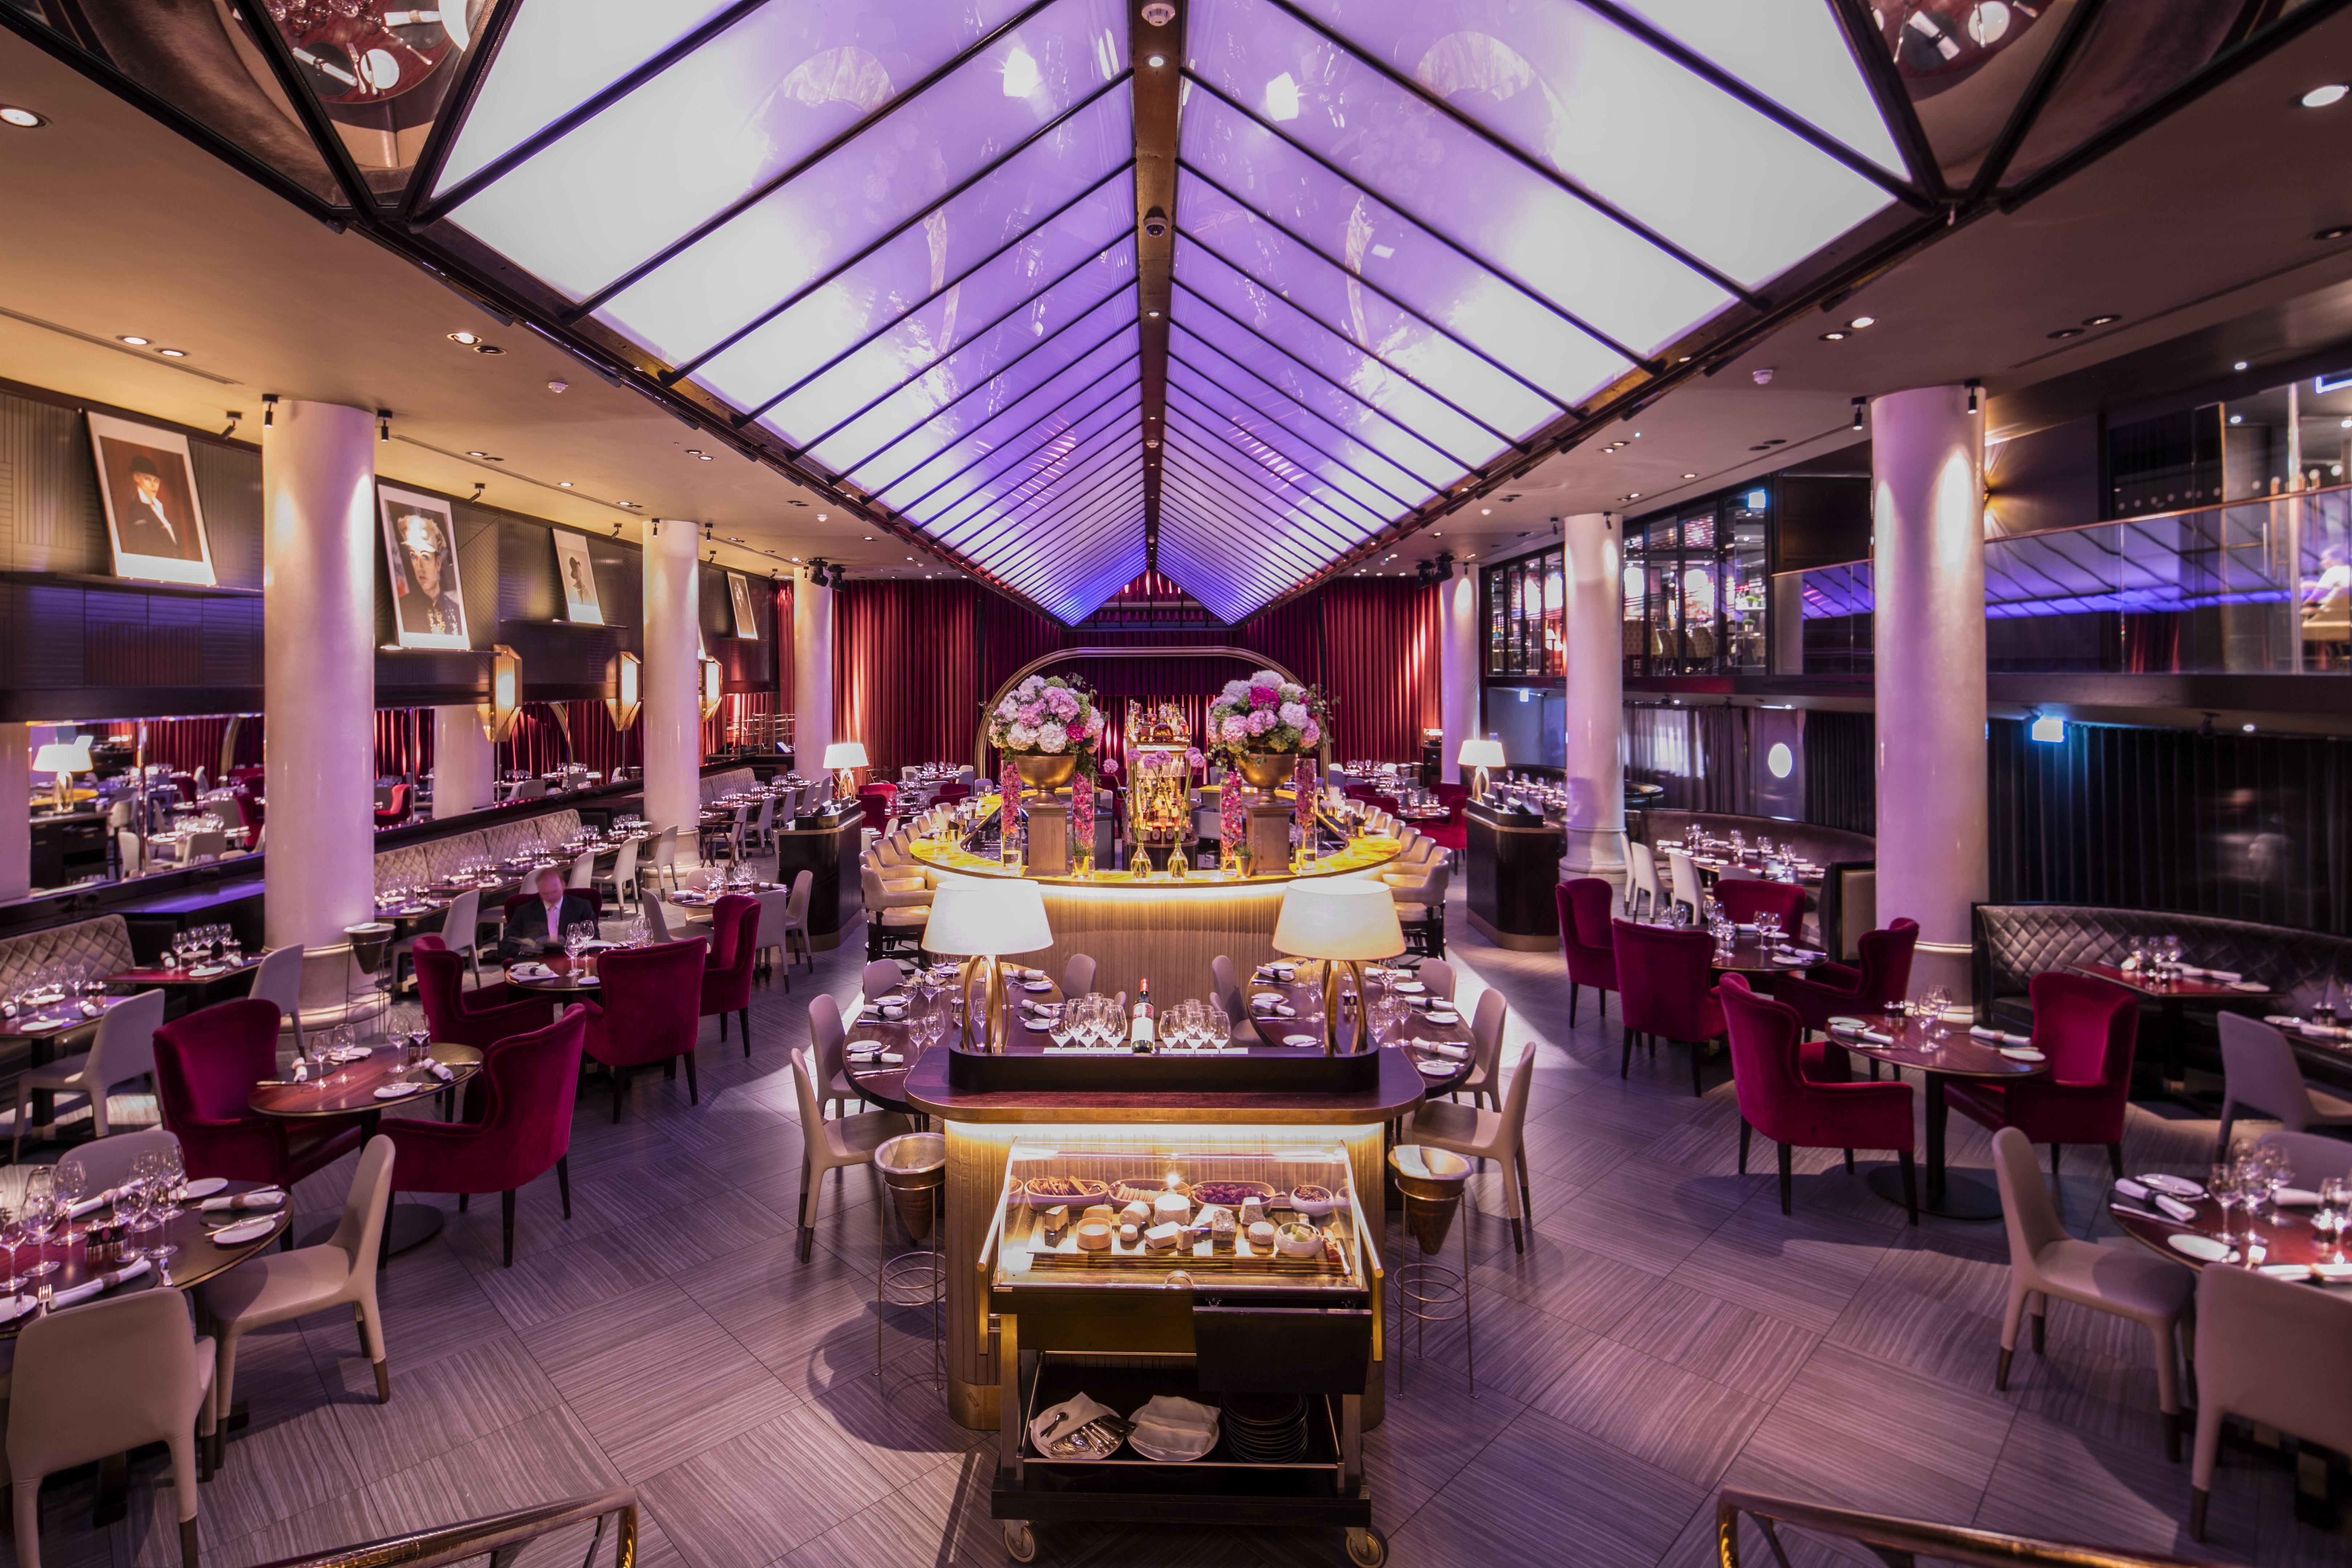 Restaurant Review: Quaglinos picture